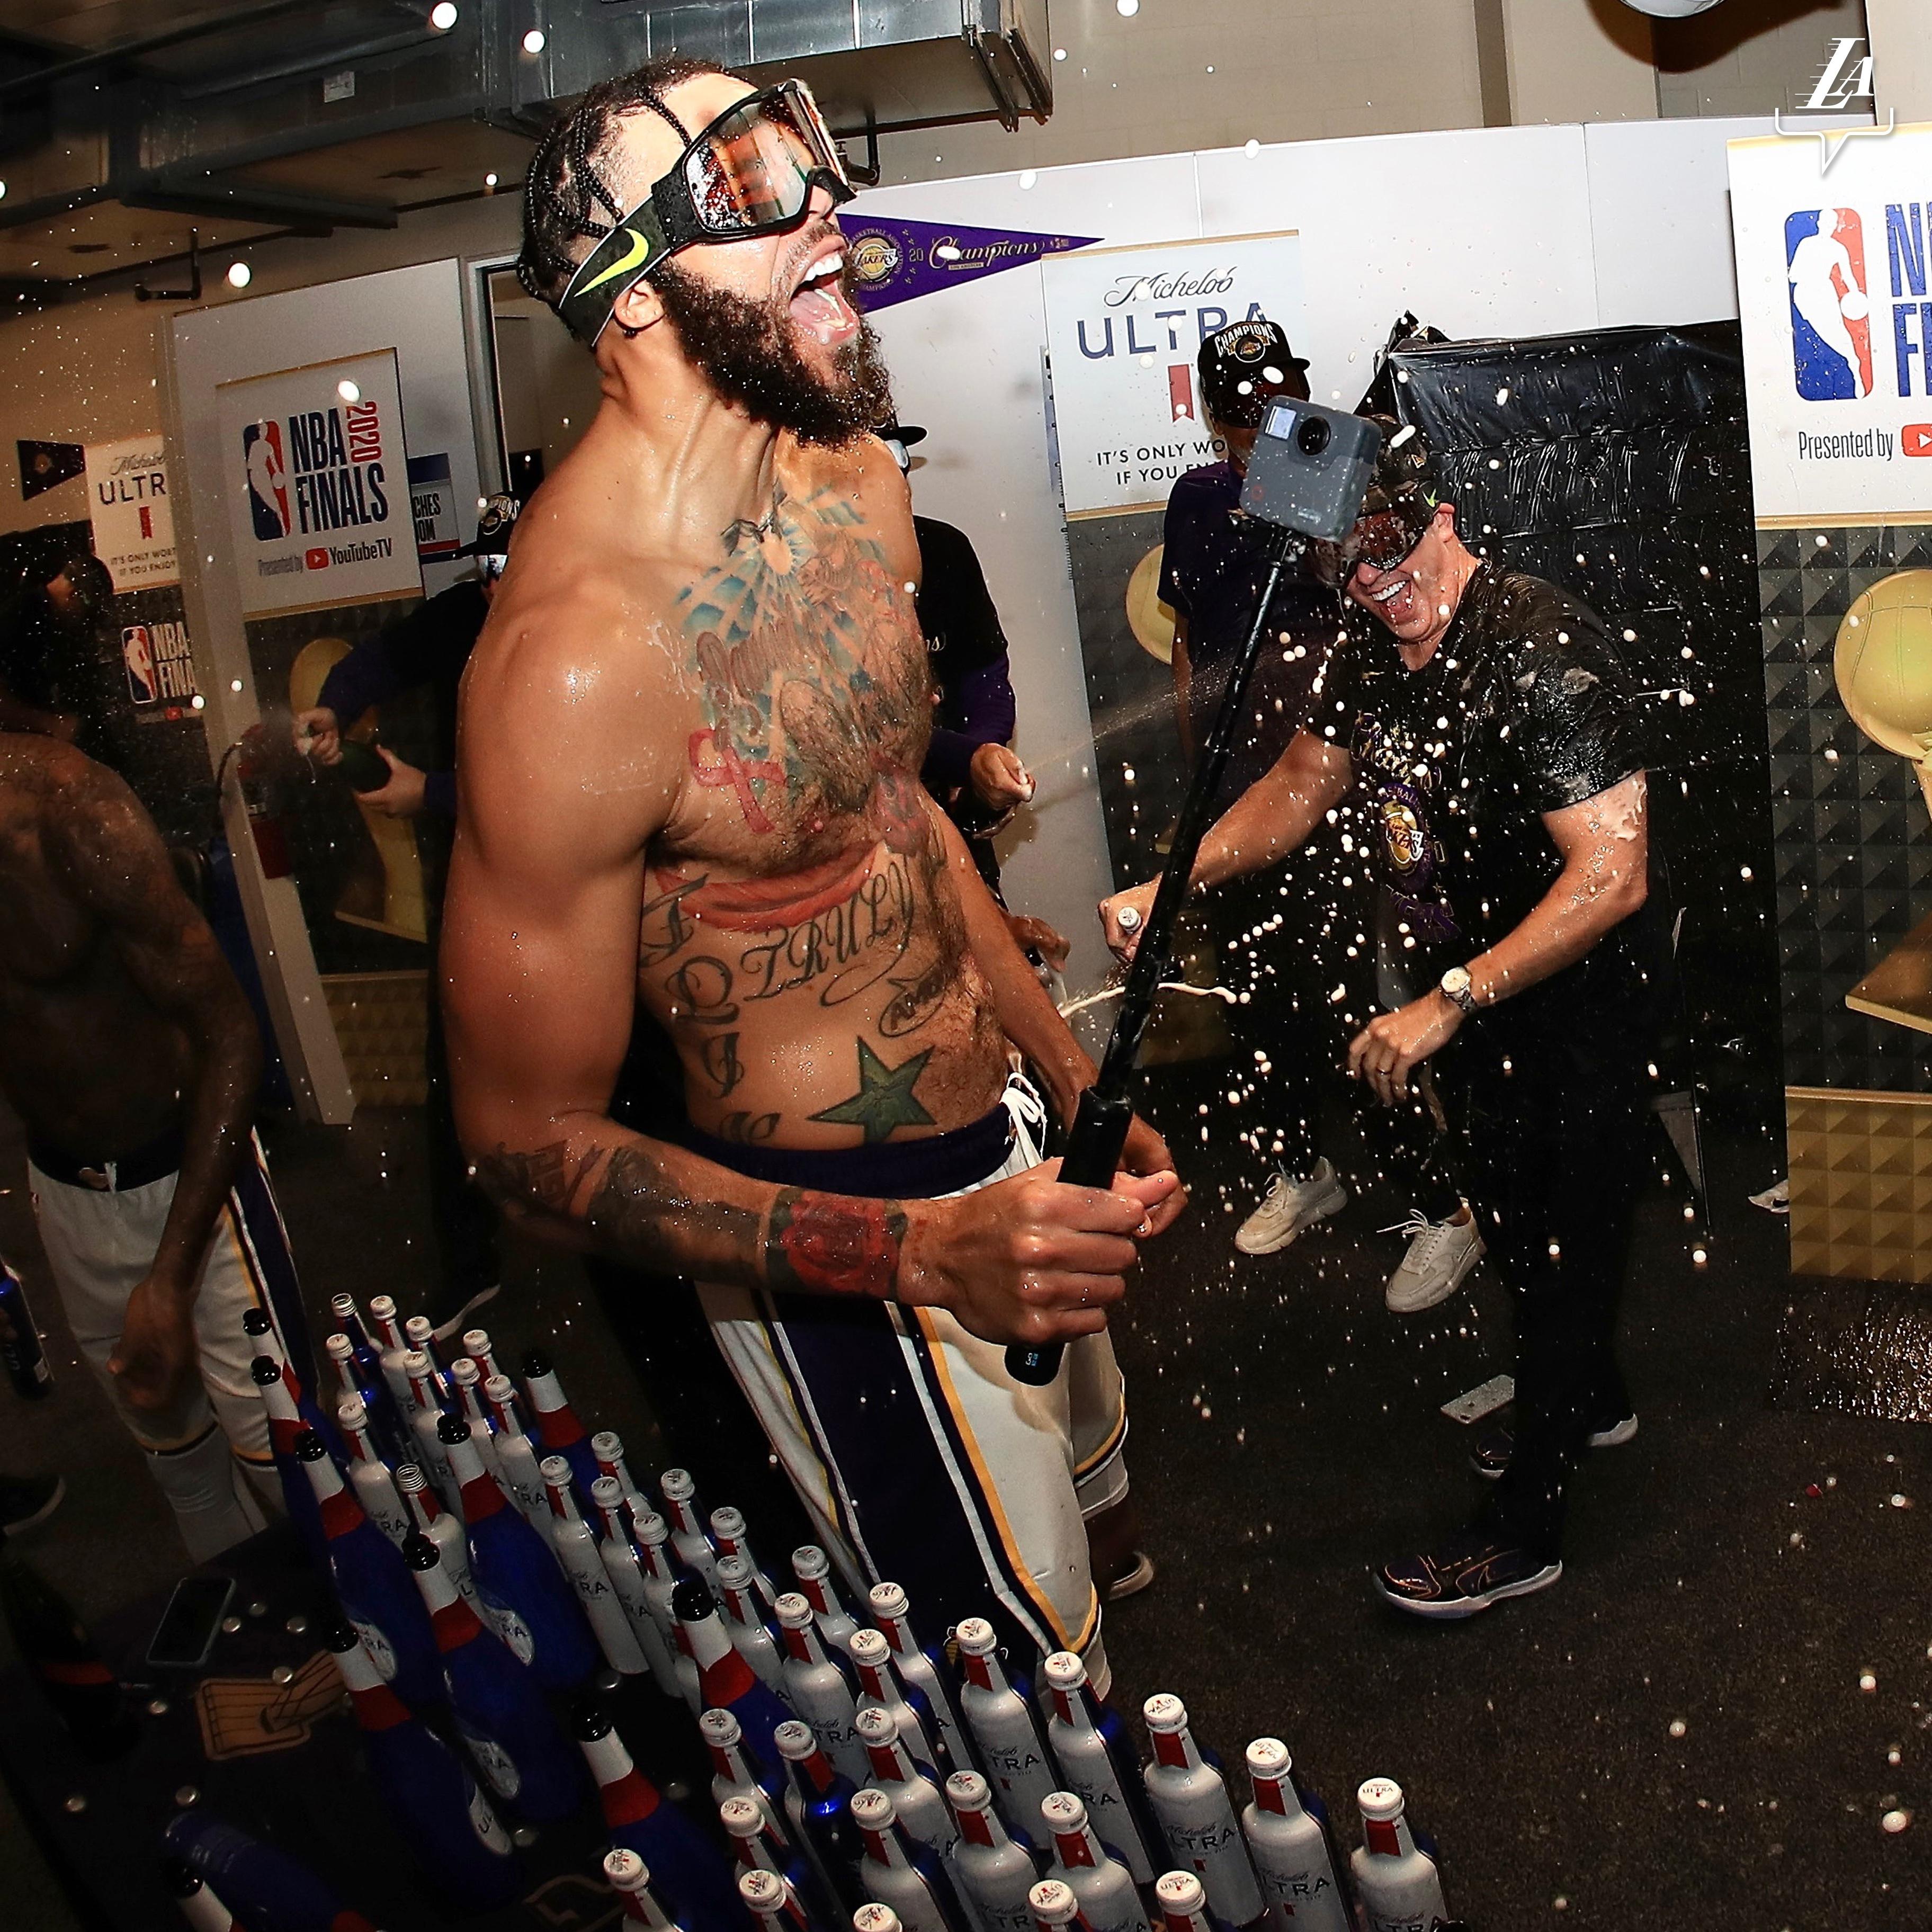 湖人官推发布麦基夺冠后更衣室庆祝图集:疯狂的夜晚